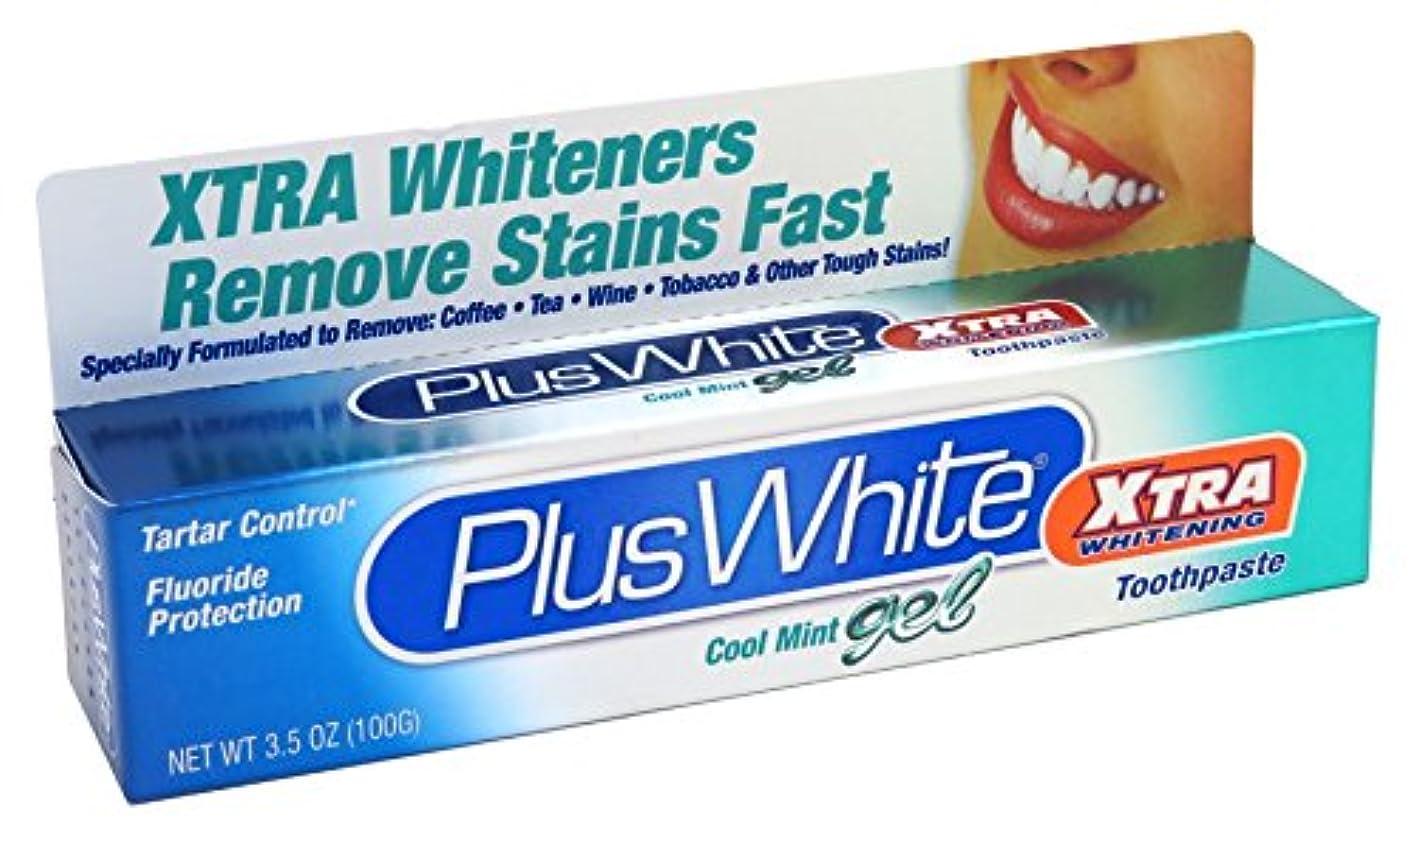 ボス宿題をする普遍的な強力ホワイトニング歯磨きミントジェル 104ml (並行輸入品)